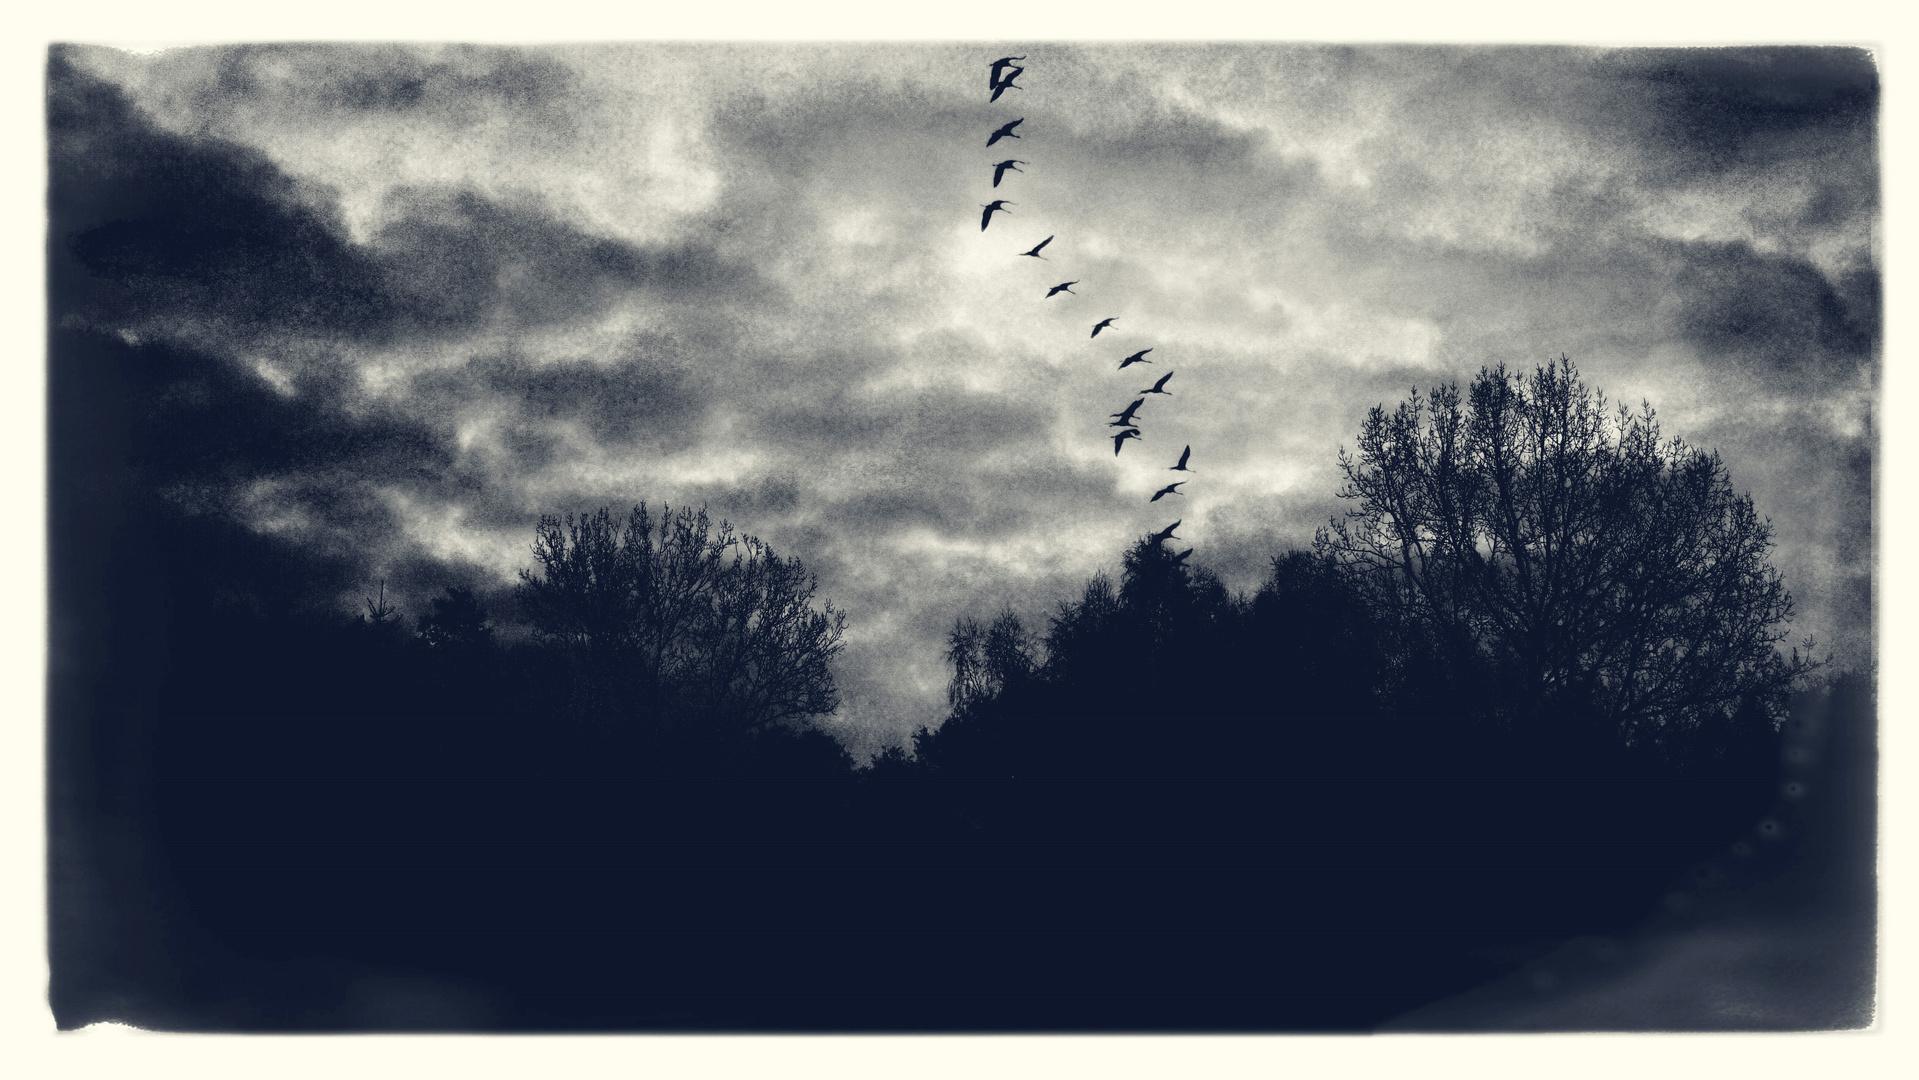 Der Flug der Kraniche